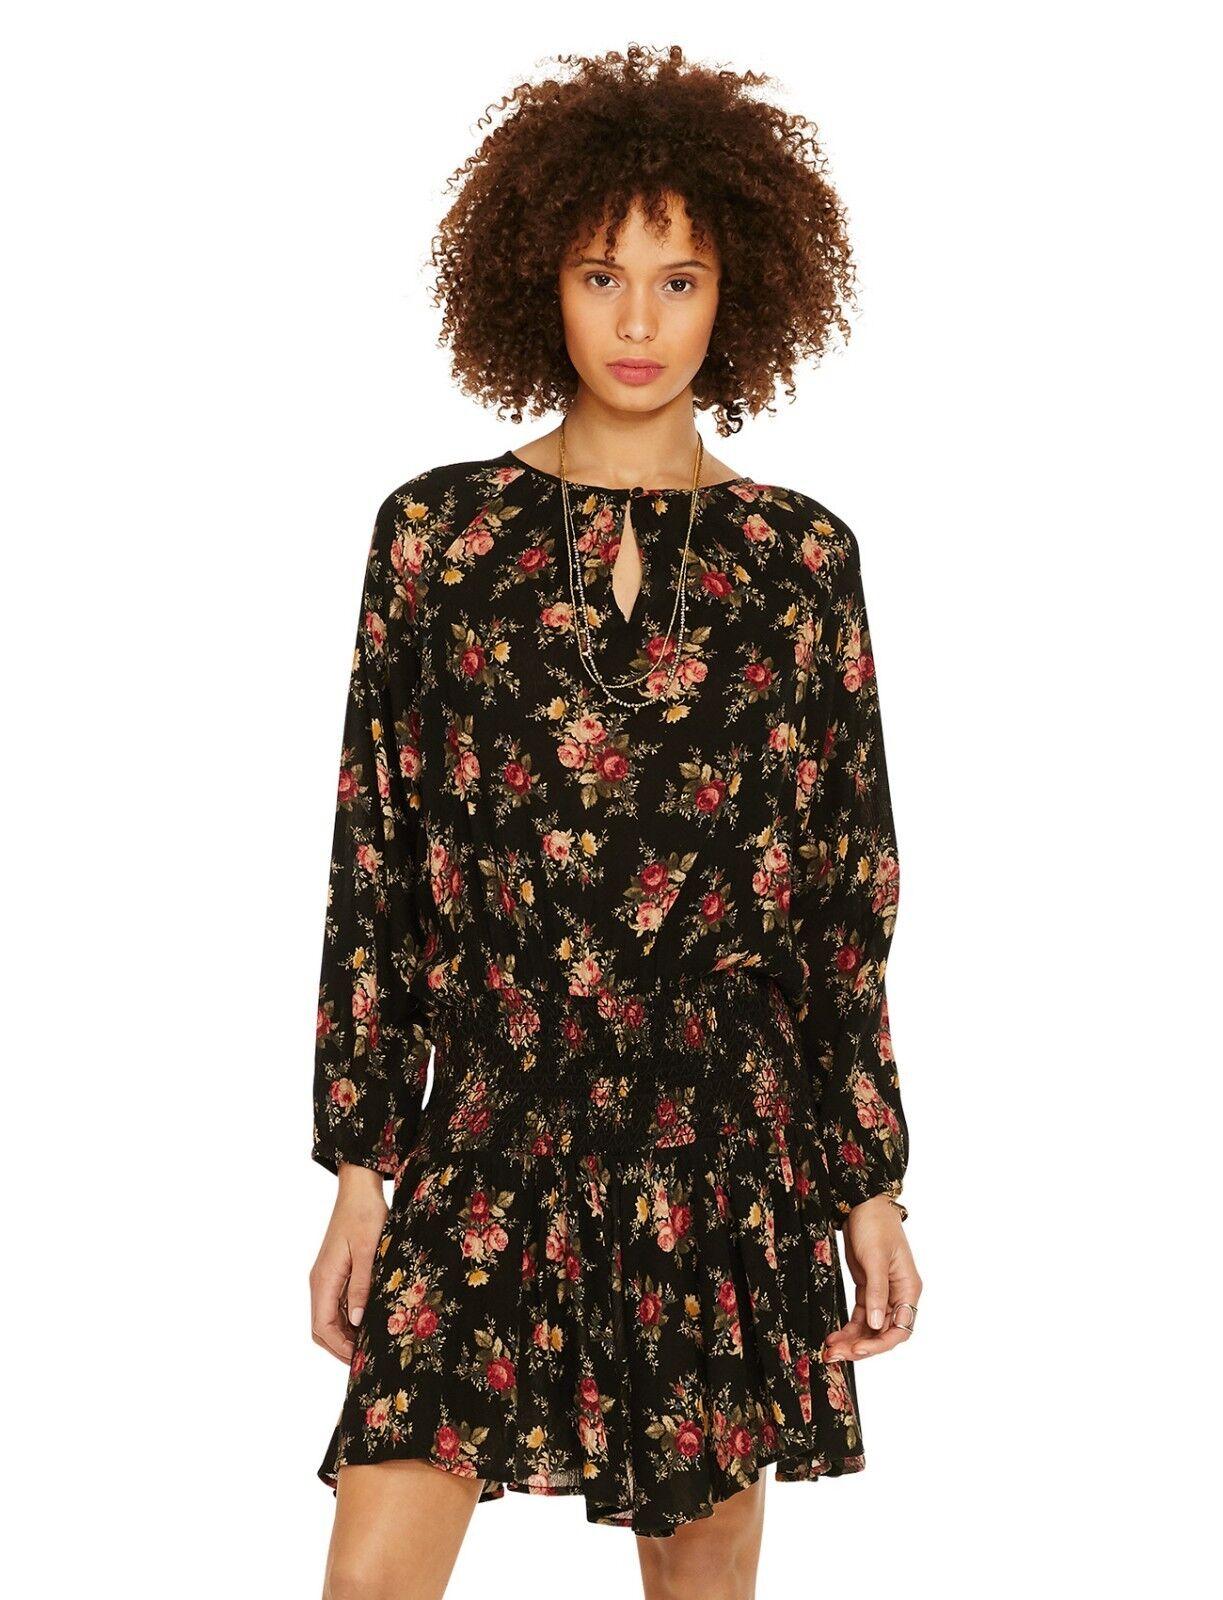 Denim & Supply Ralph Lauren Top Tunic Floral-Print Drop-Waist Dress Chloe NWT